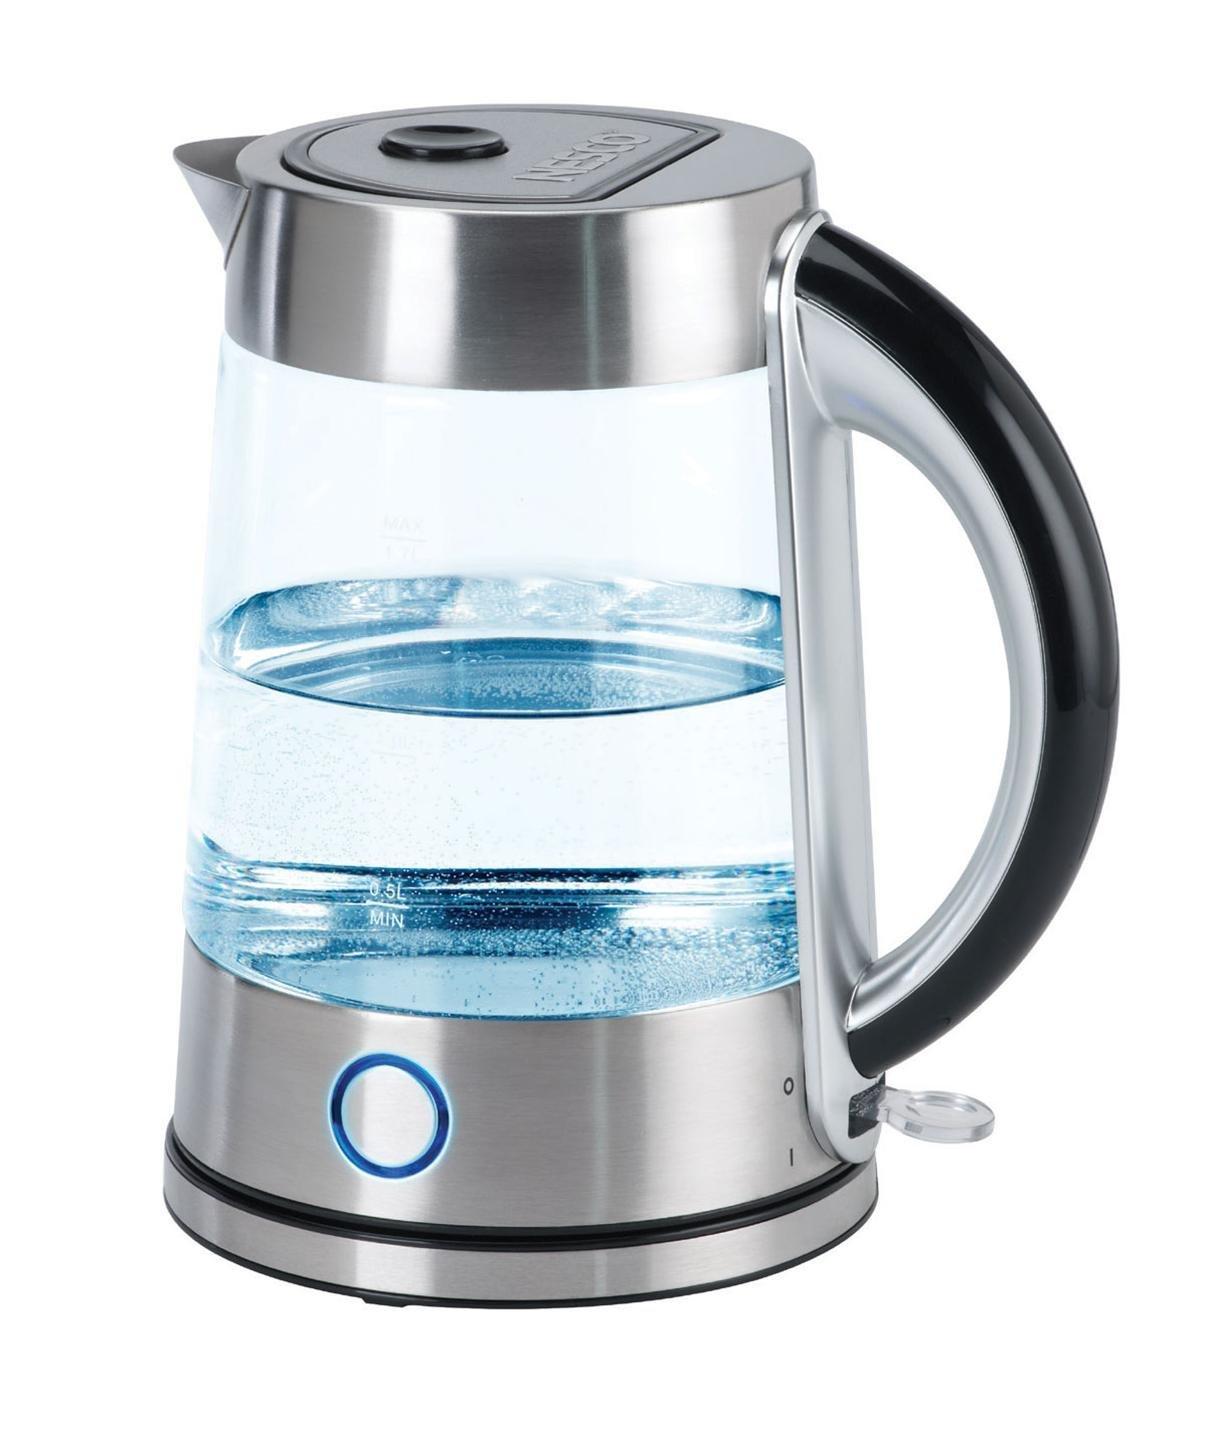 Nesco 1.8 qt. Electric Water Kettle